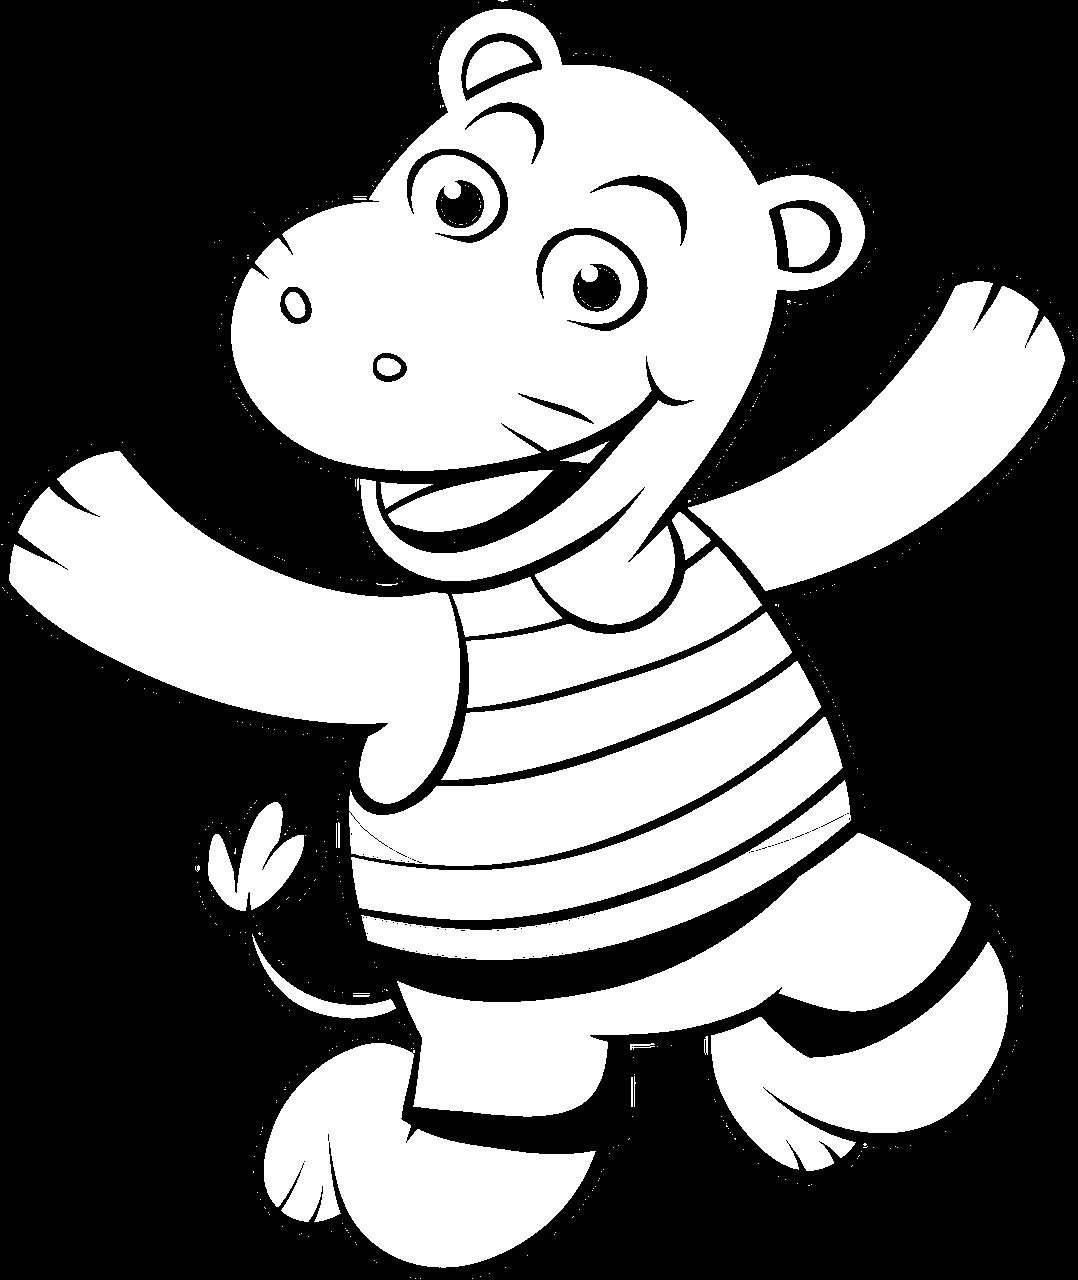 Disegno da colorare di ippopotamo stile cartone animato per bambini